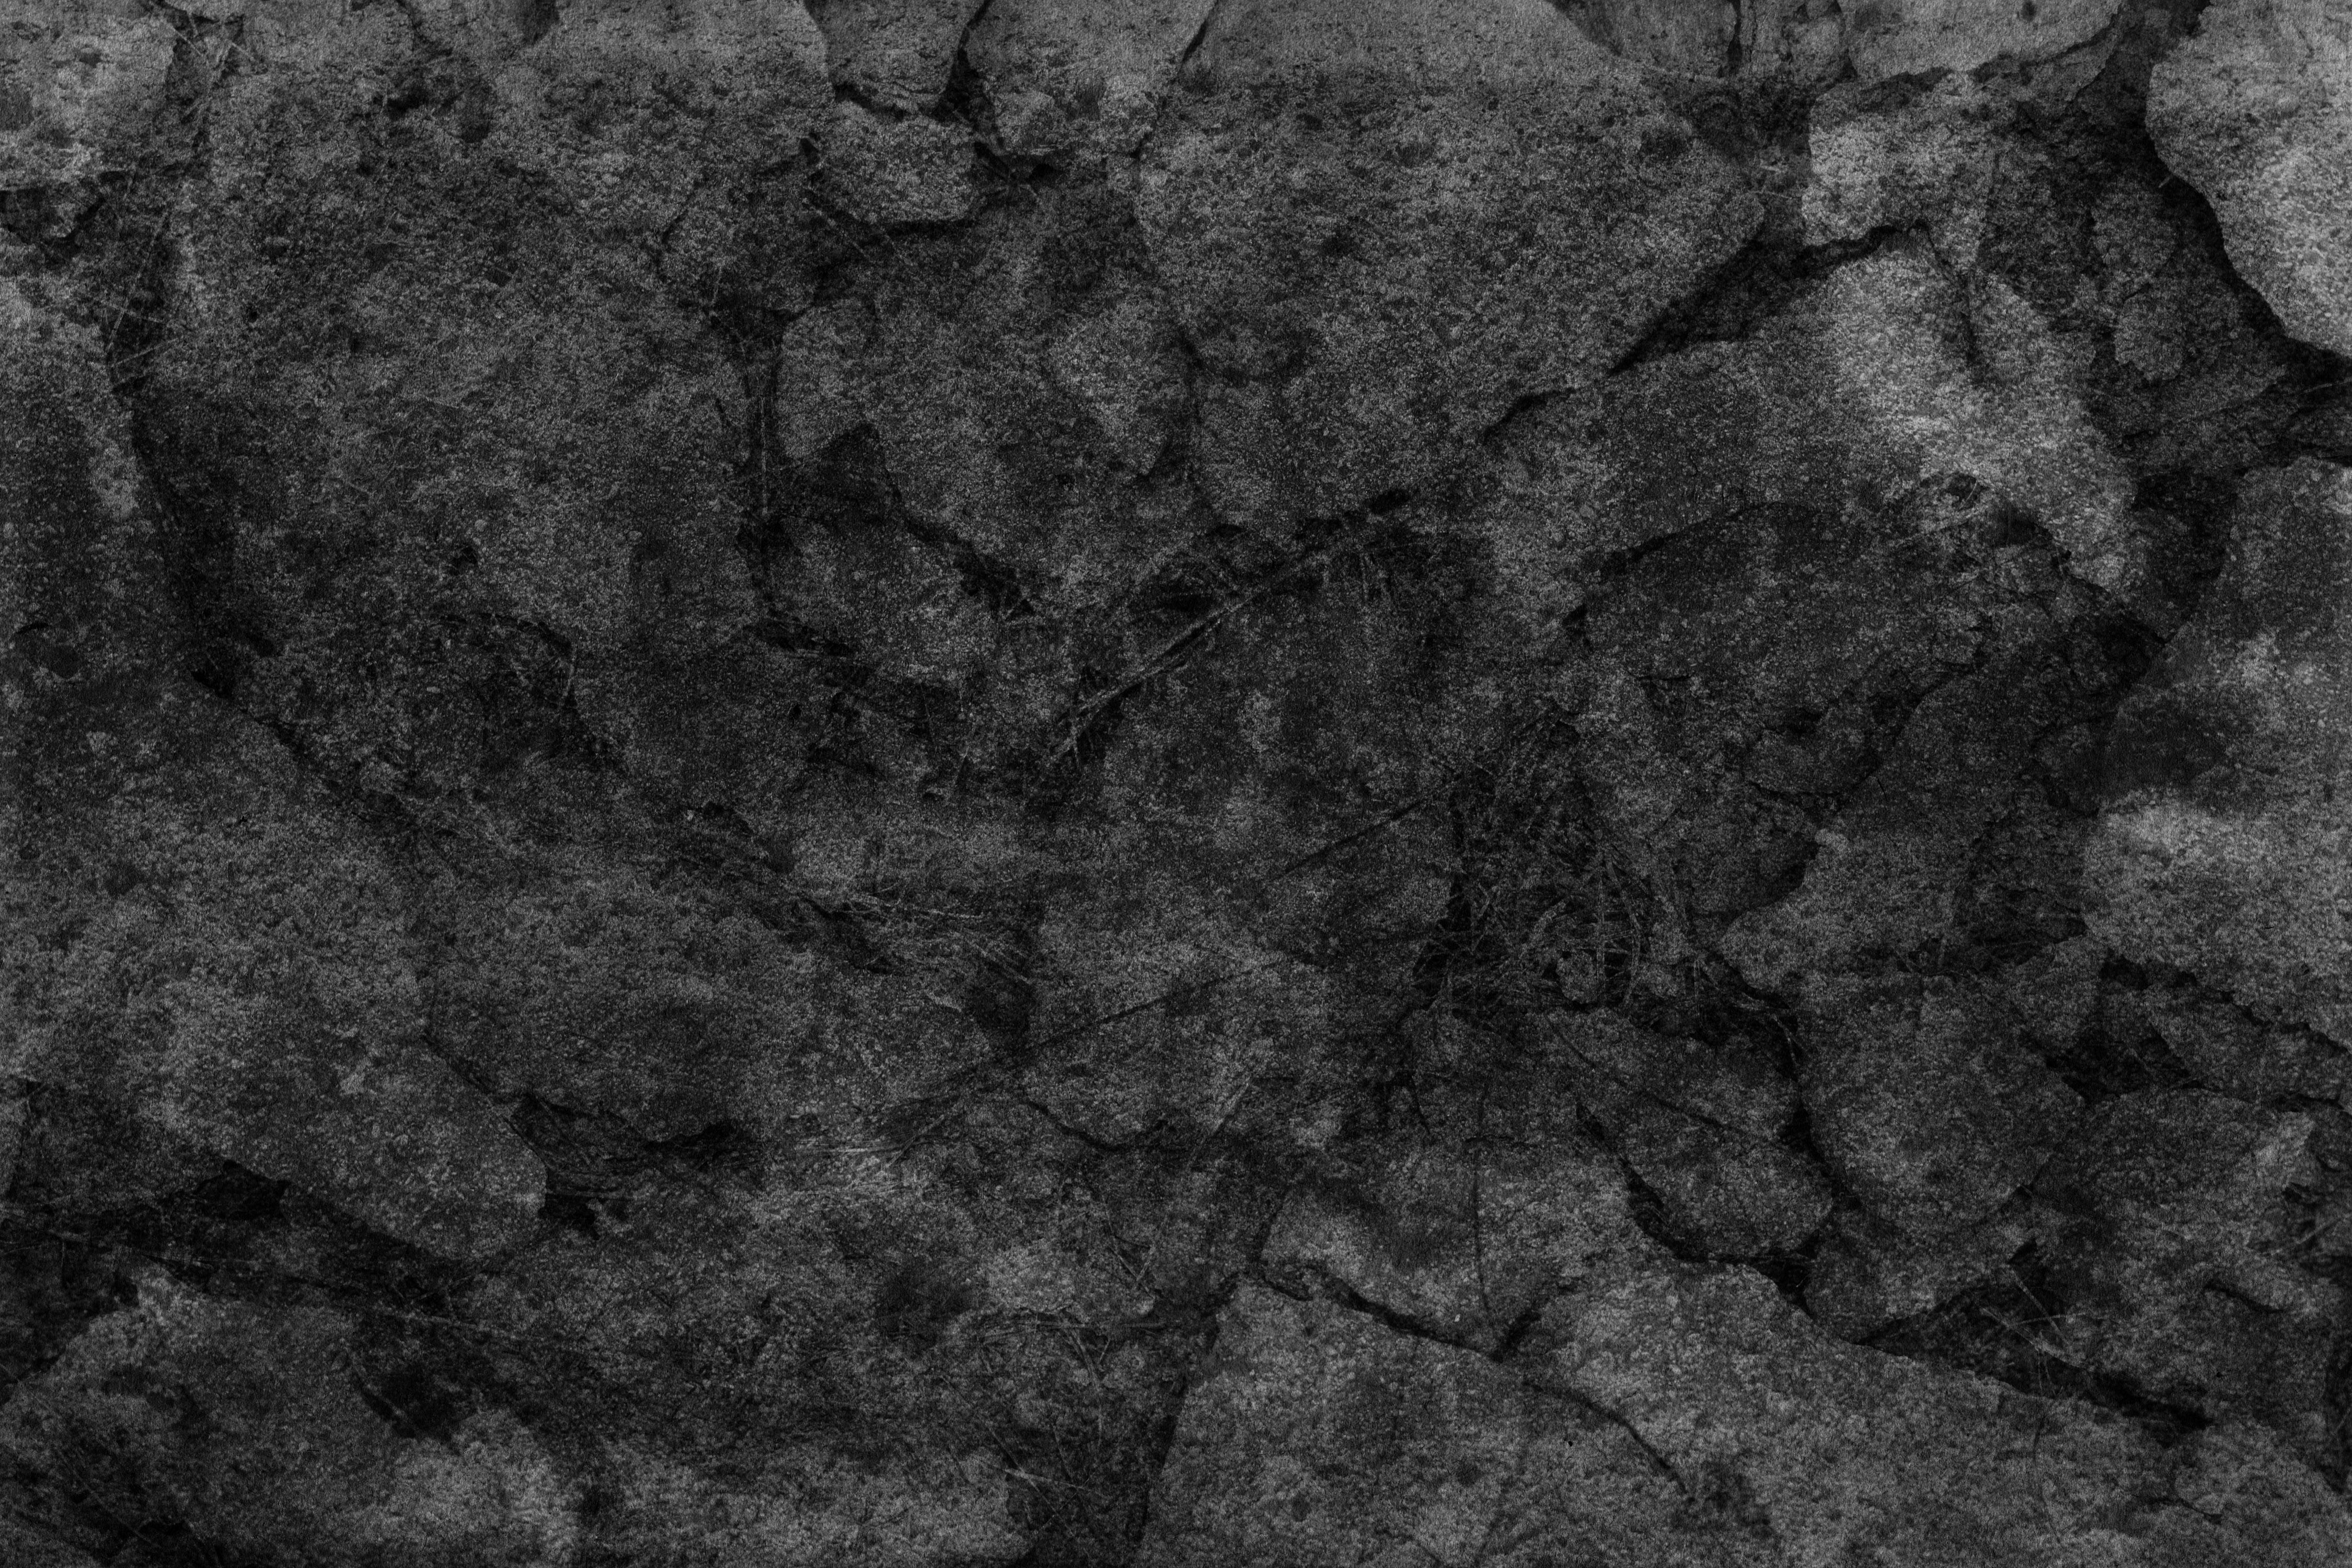 Free Dark Grunge Textures Texture - L+T